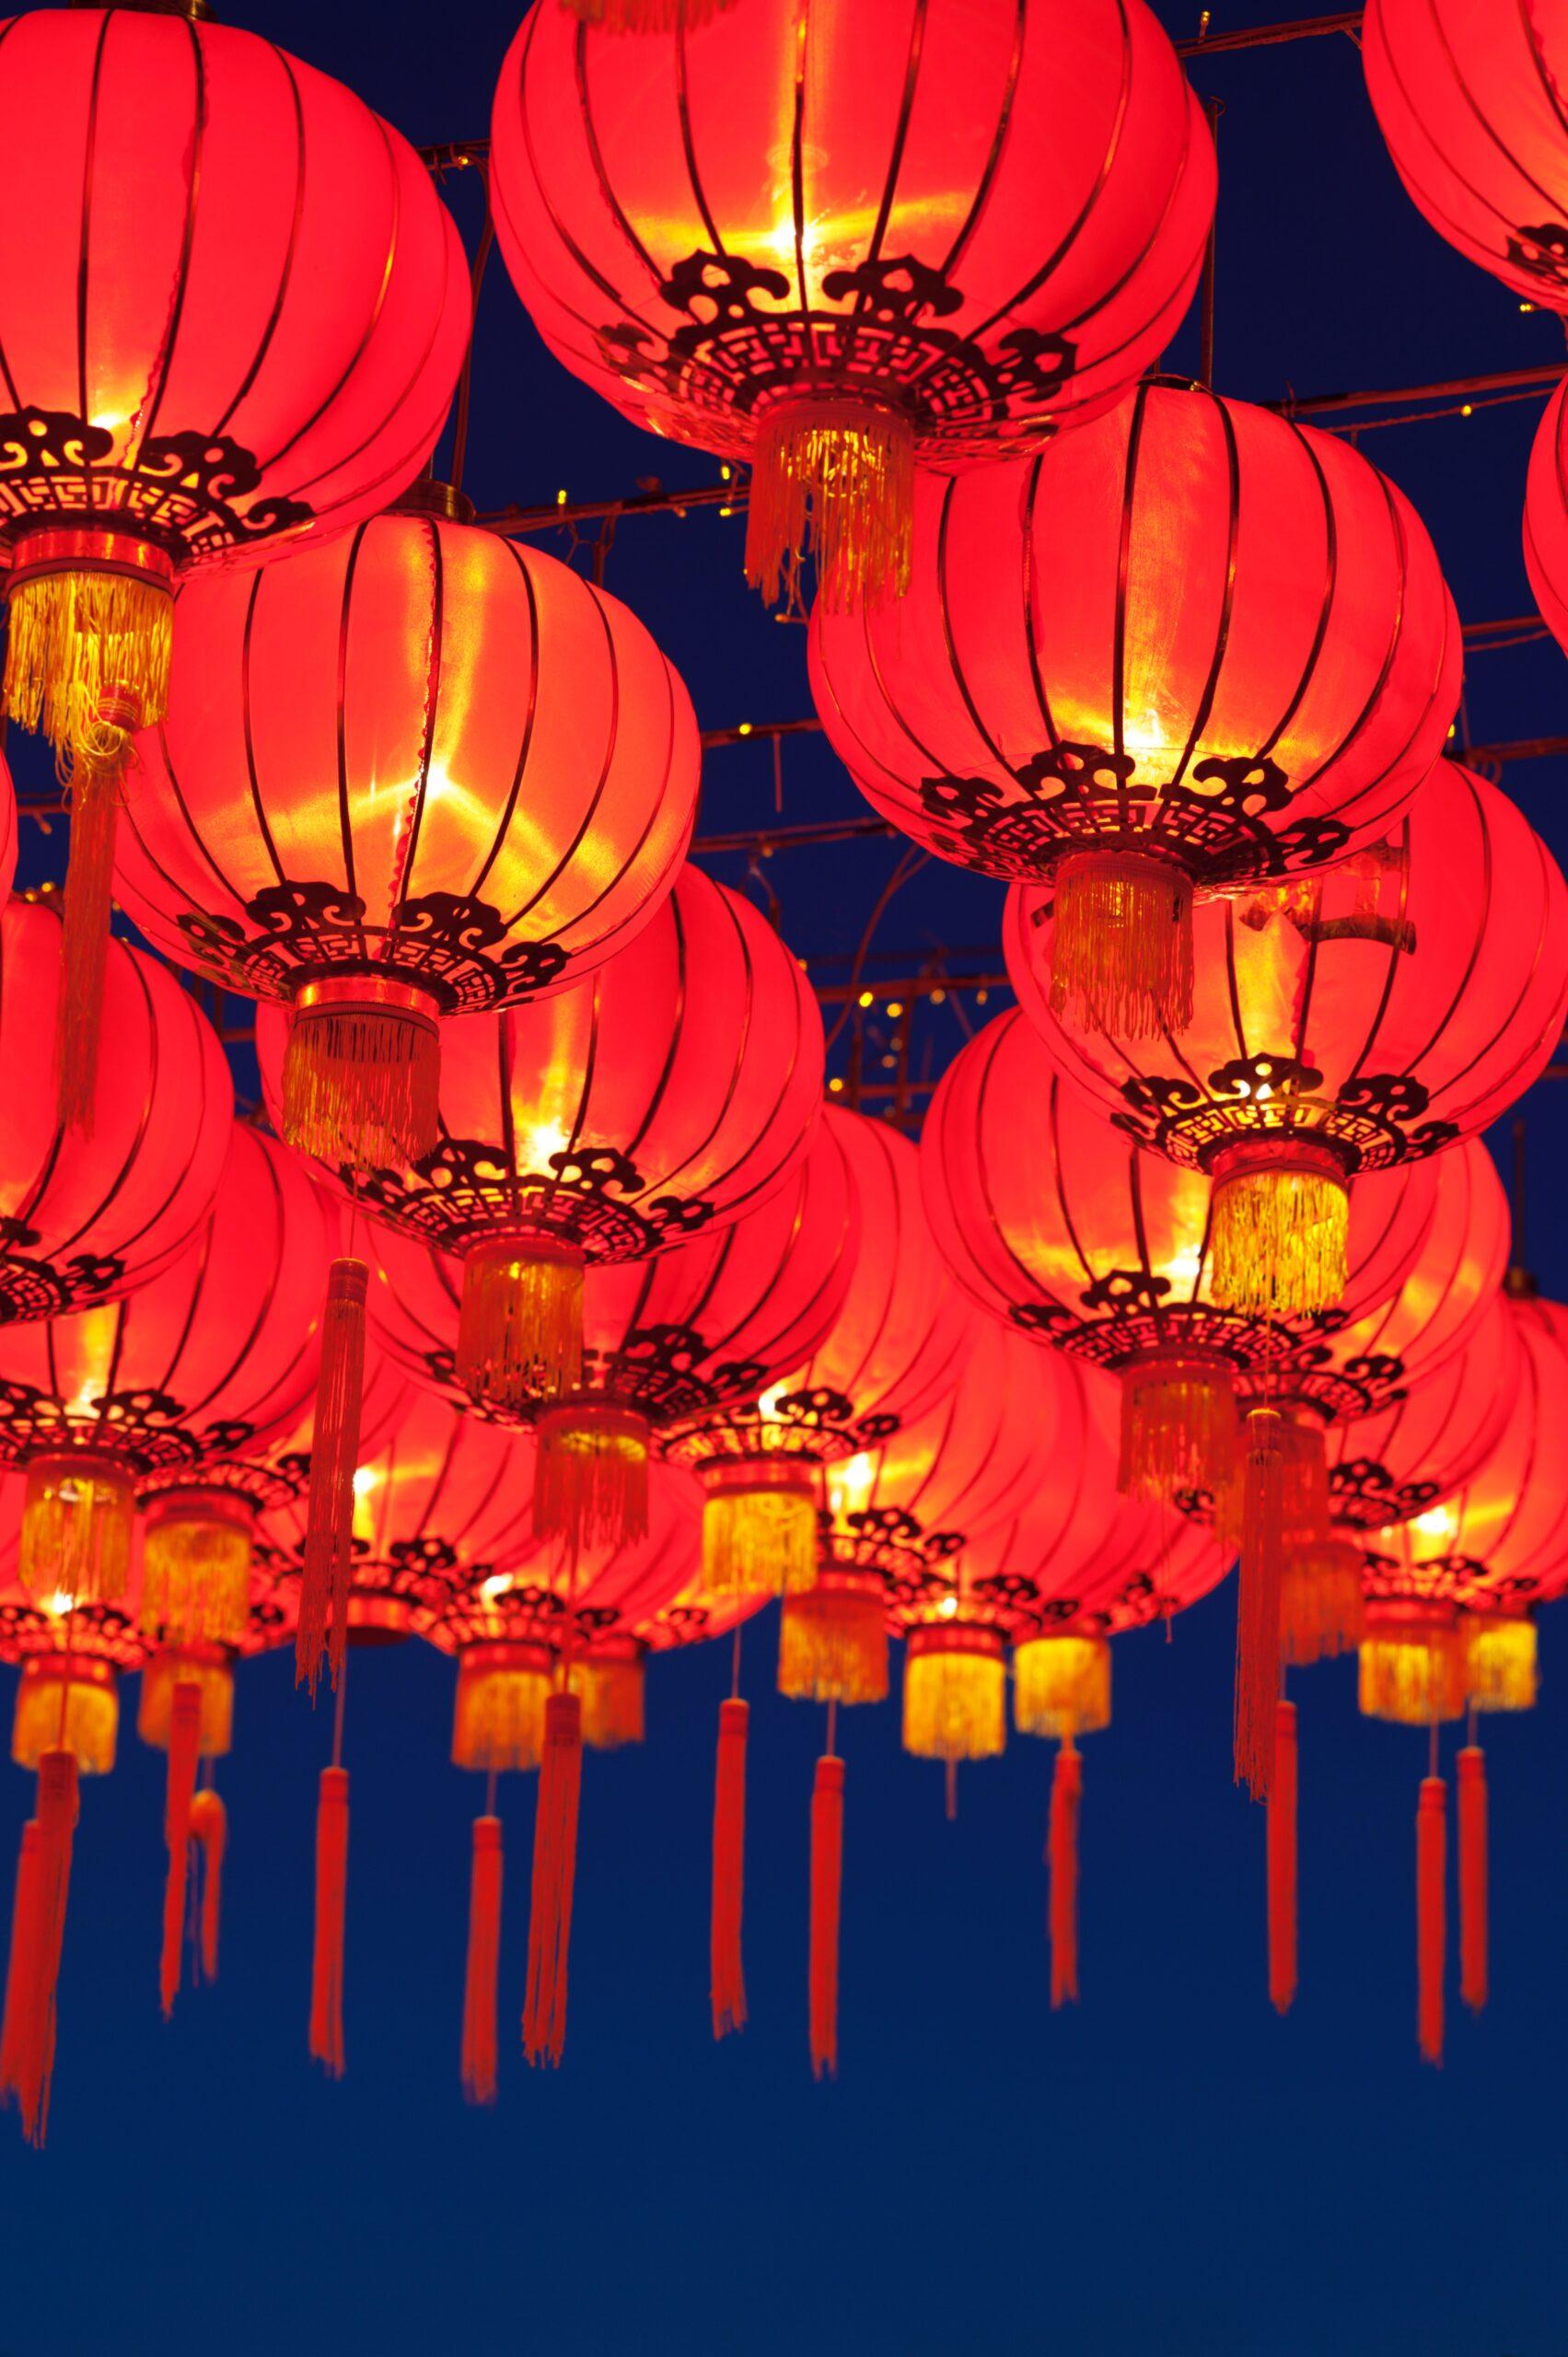 恭喜发财 – Happy Lunar New Year